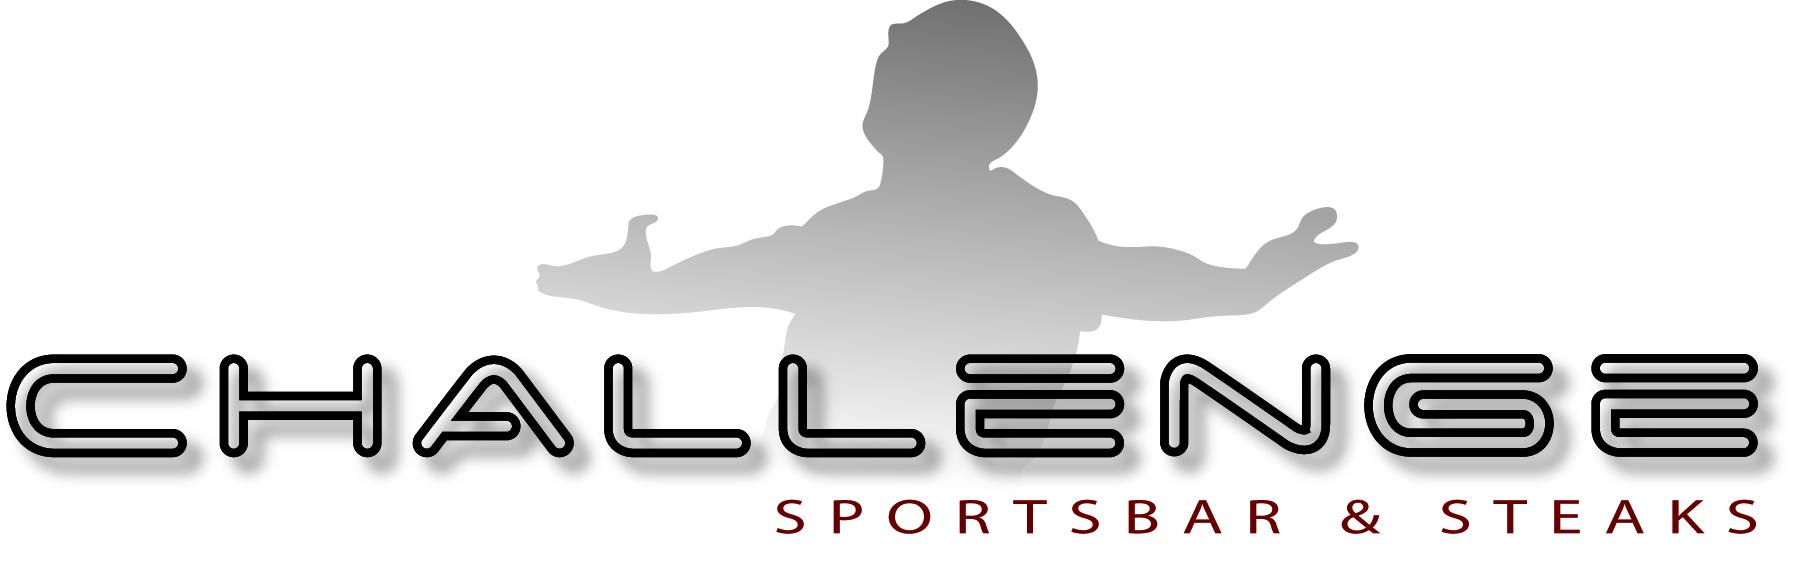 Challange Sportbar & Steaks